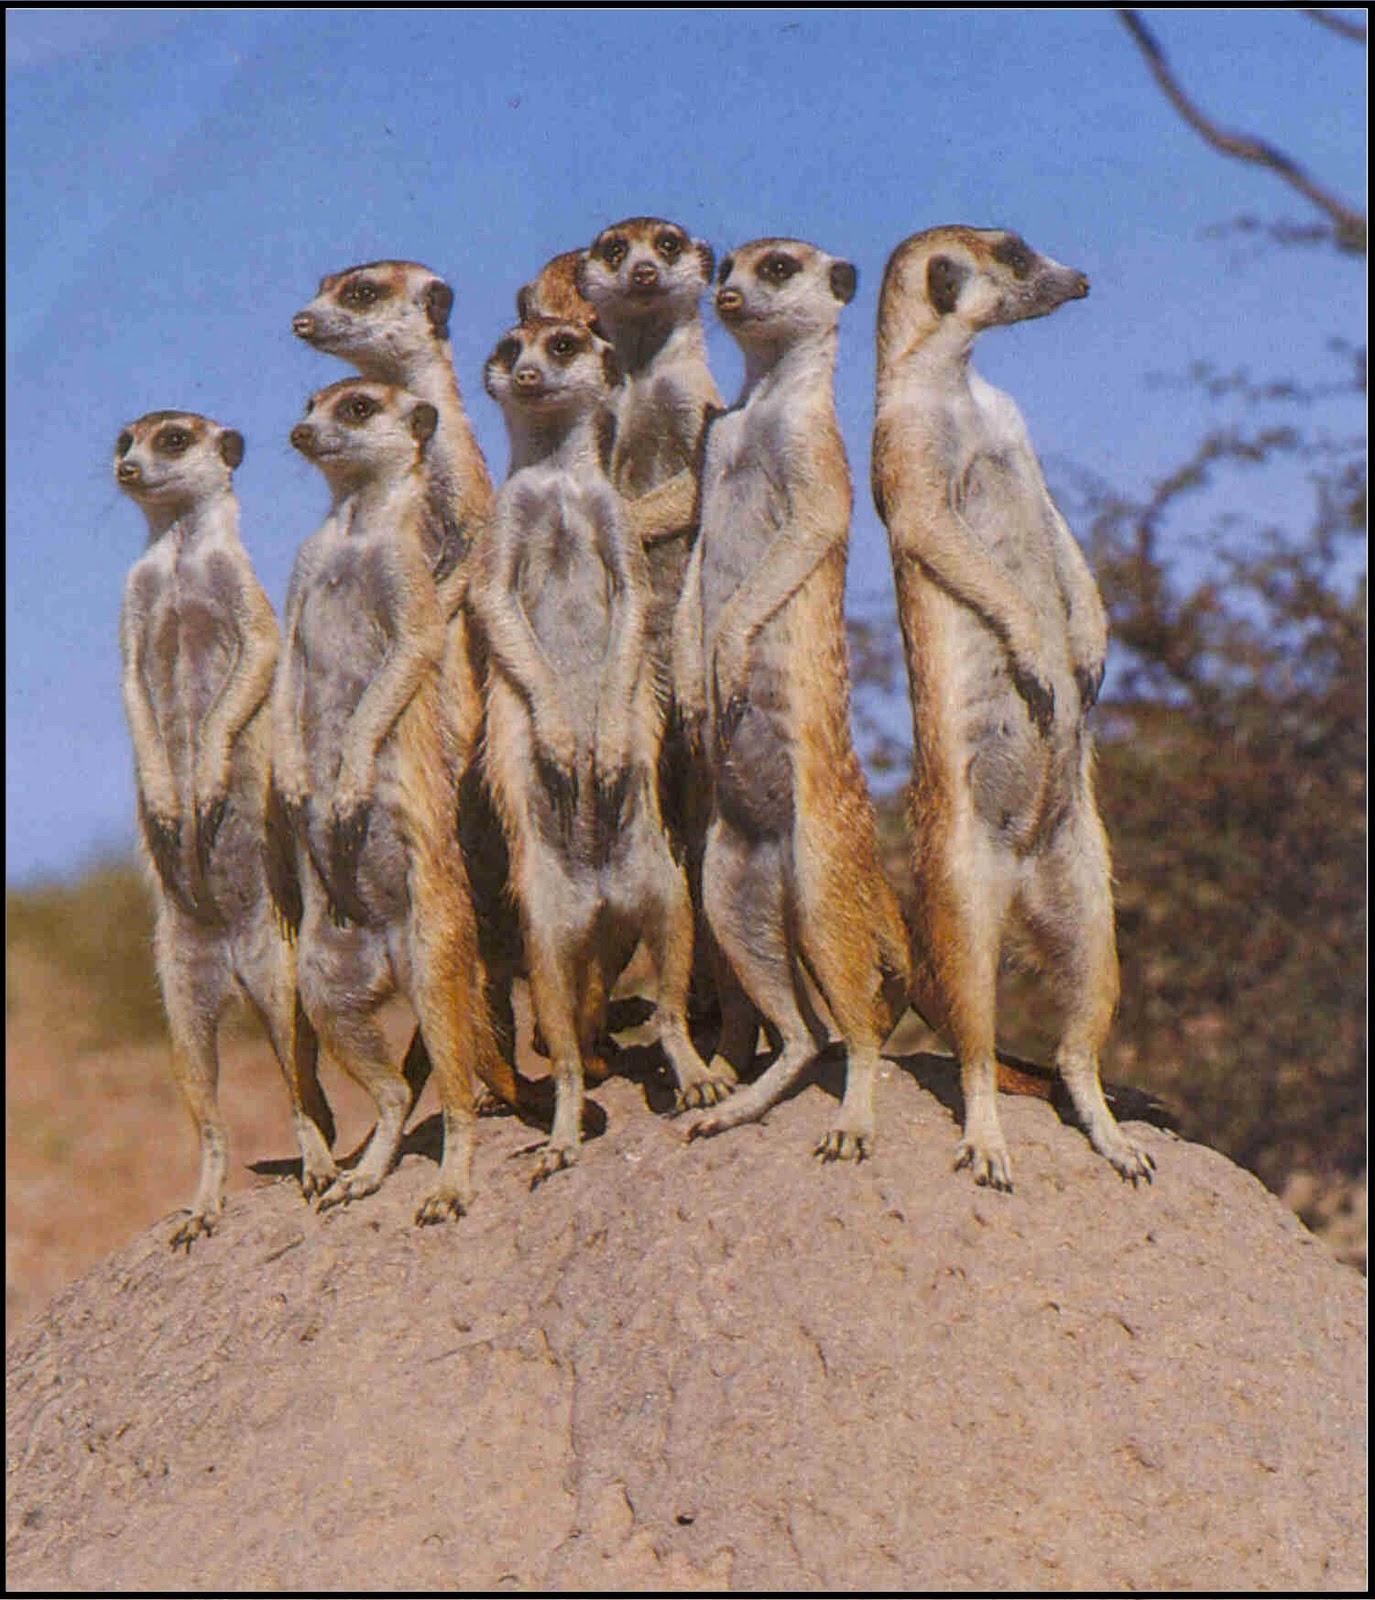 Meerkats life of pi - photo#12